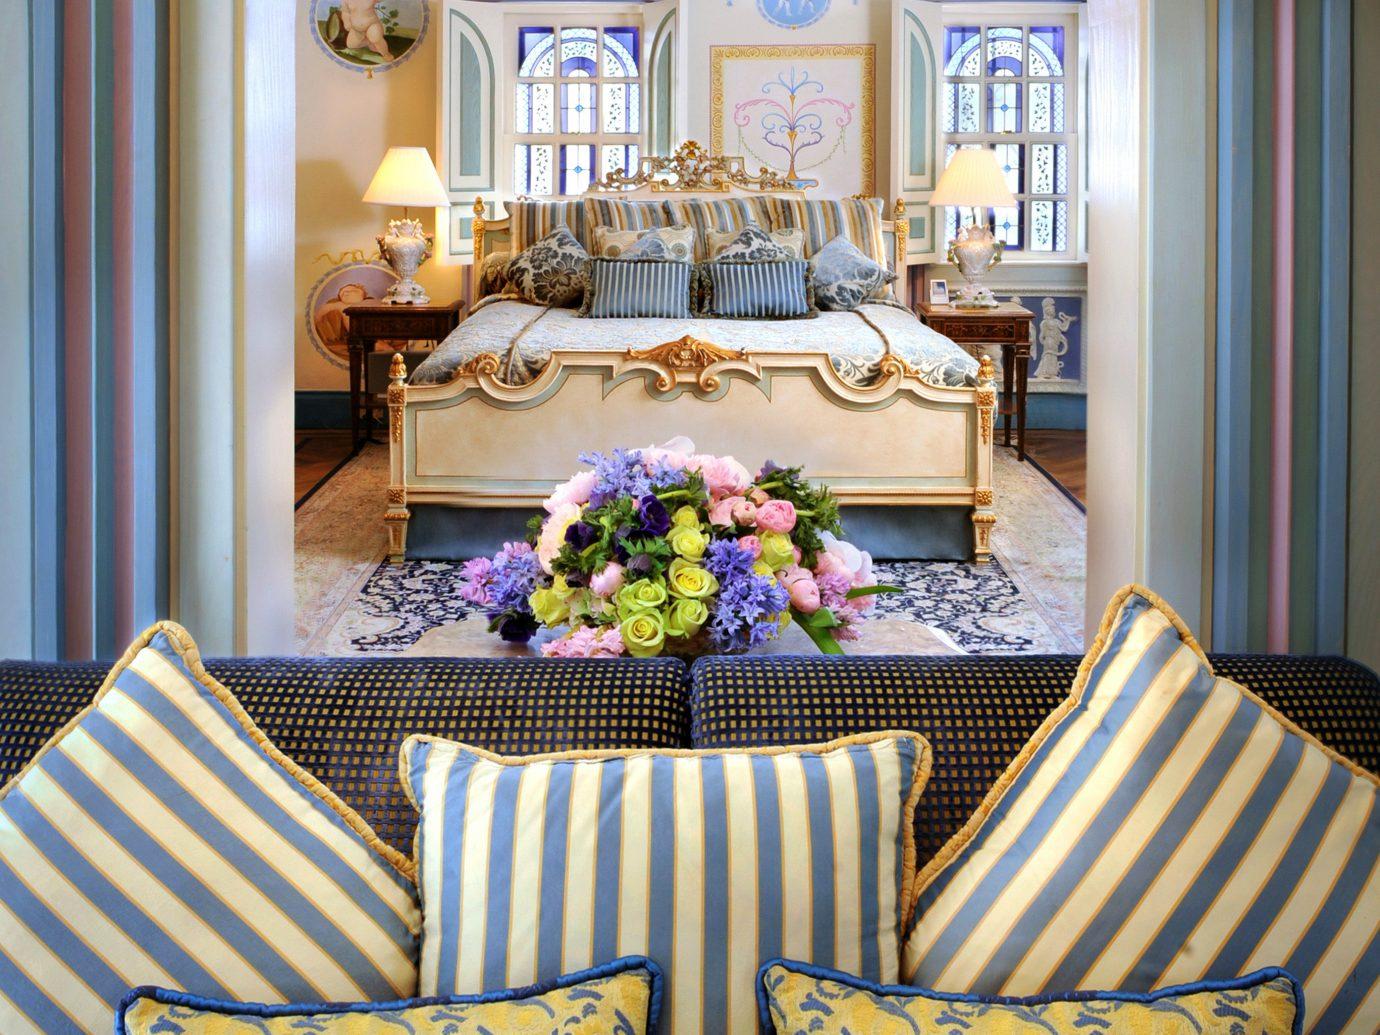 Living room at The Villa Casa Casuarina